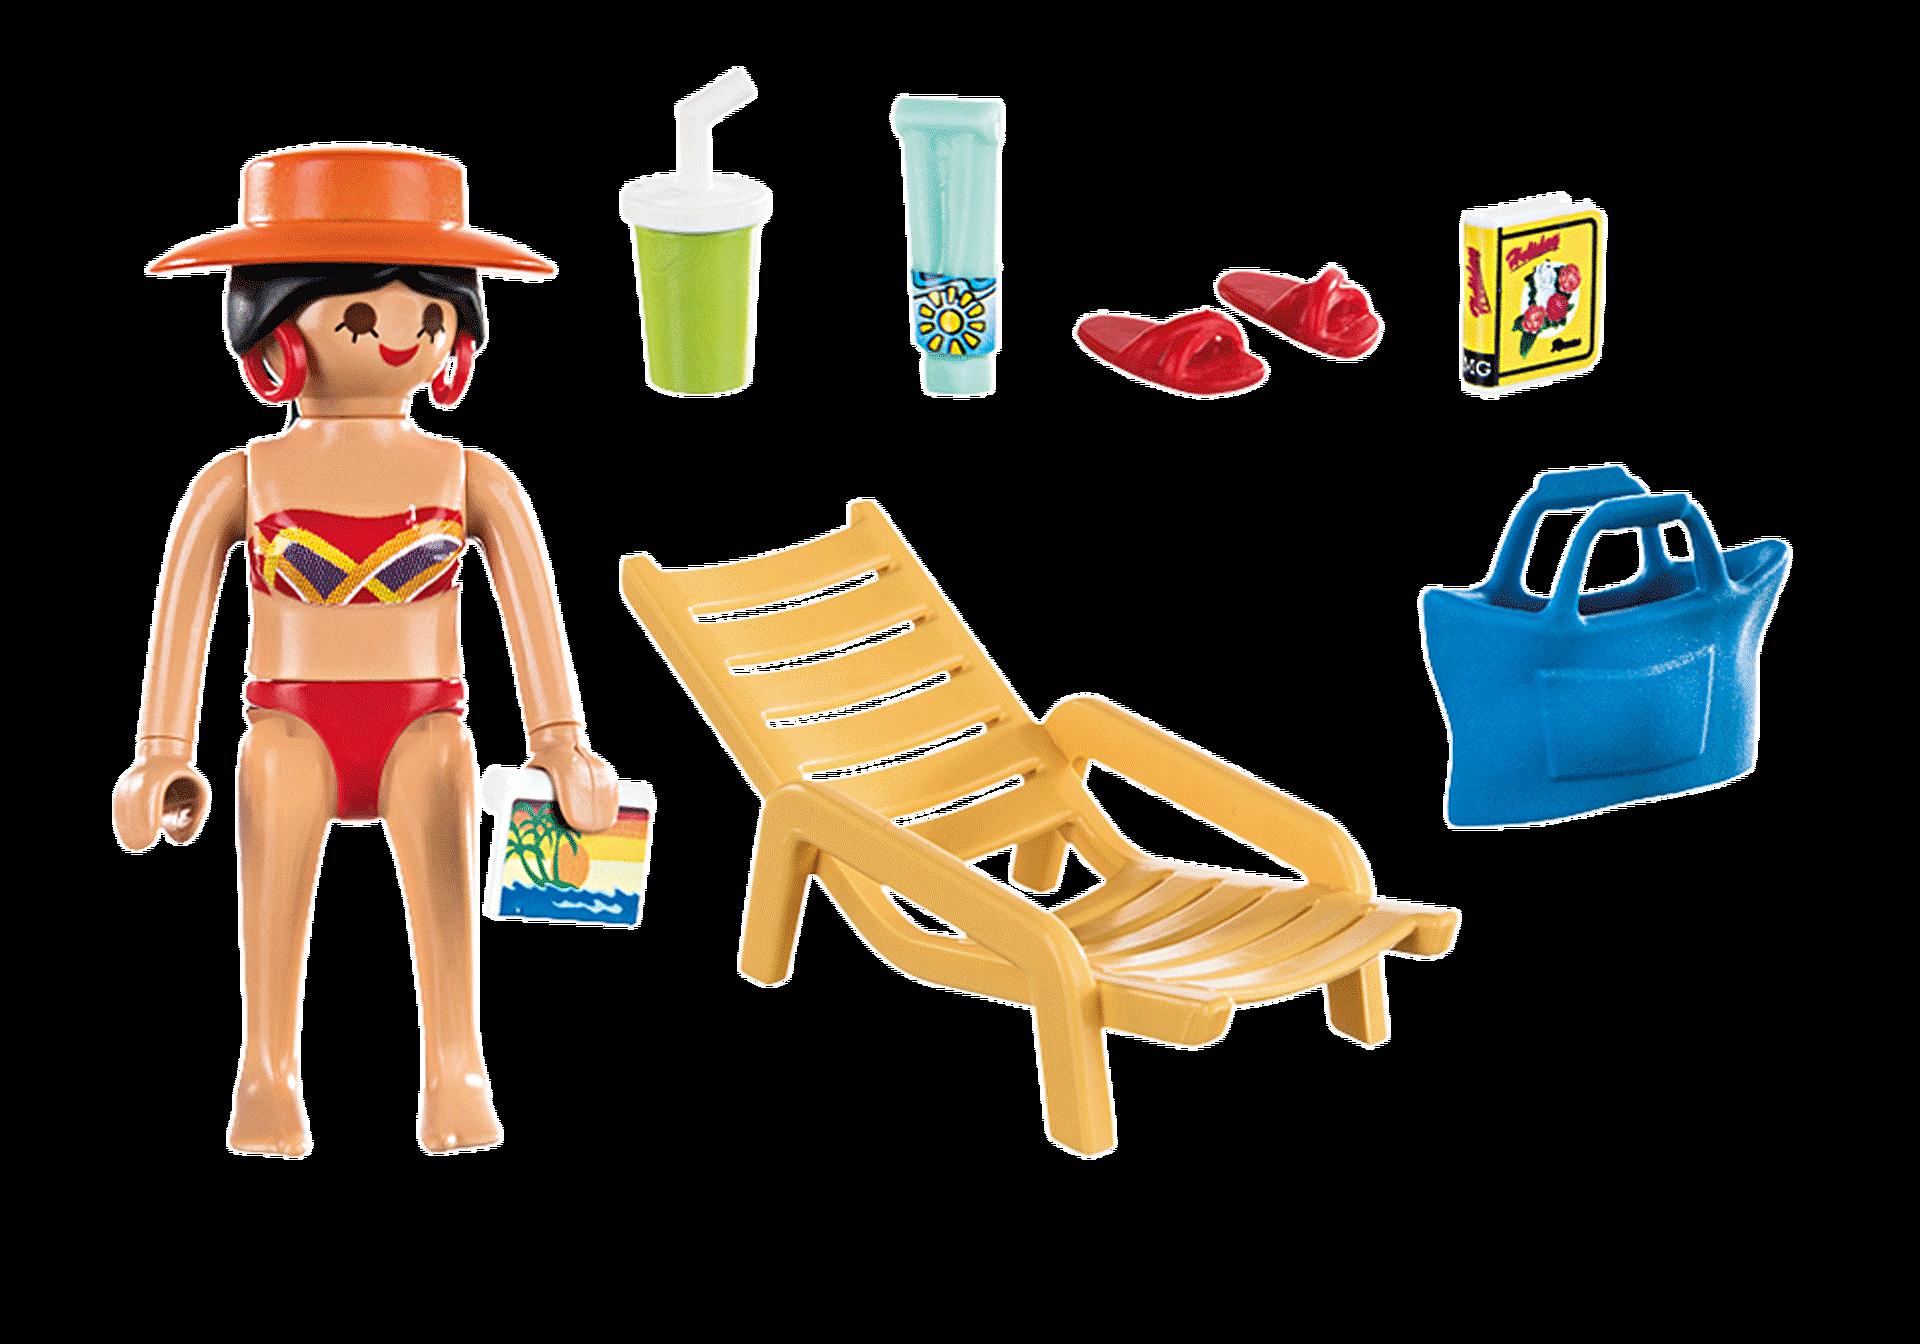 70300 Donna in vacanza con sedia a sdraio zoom image3